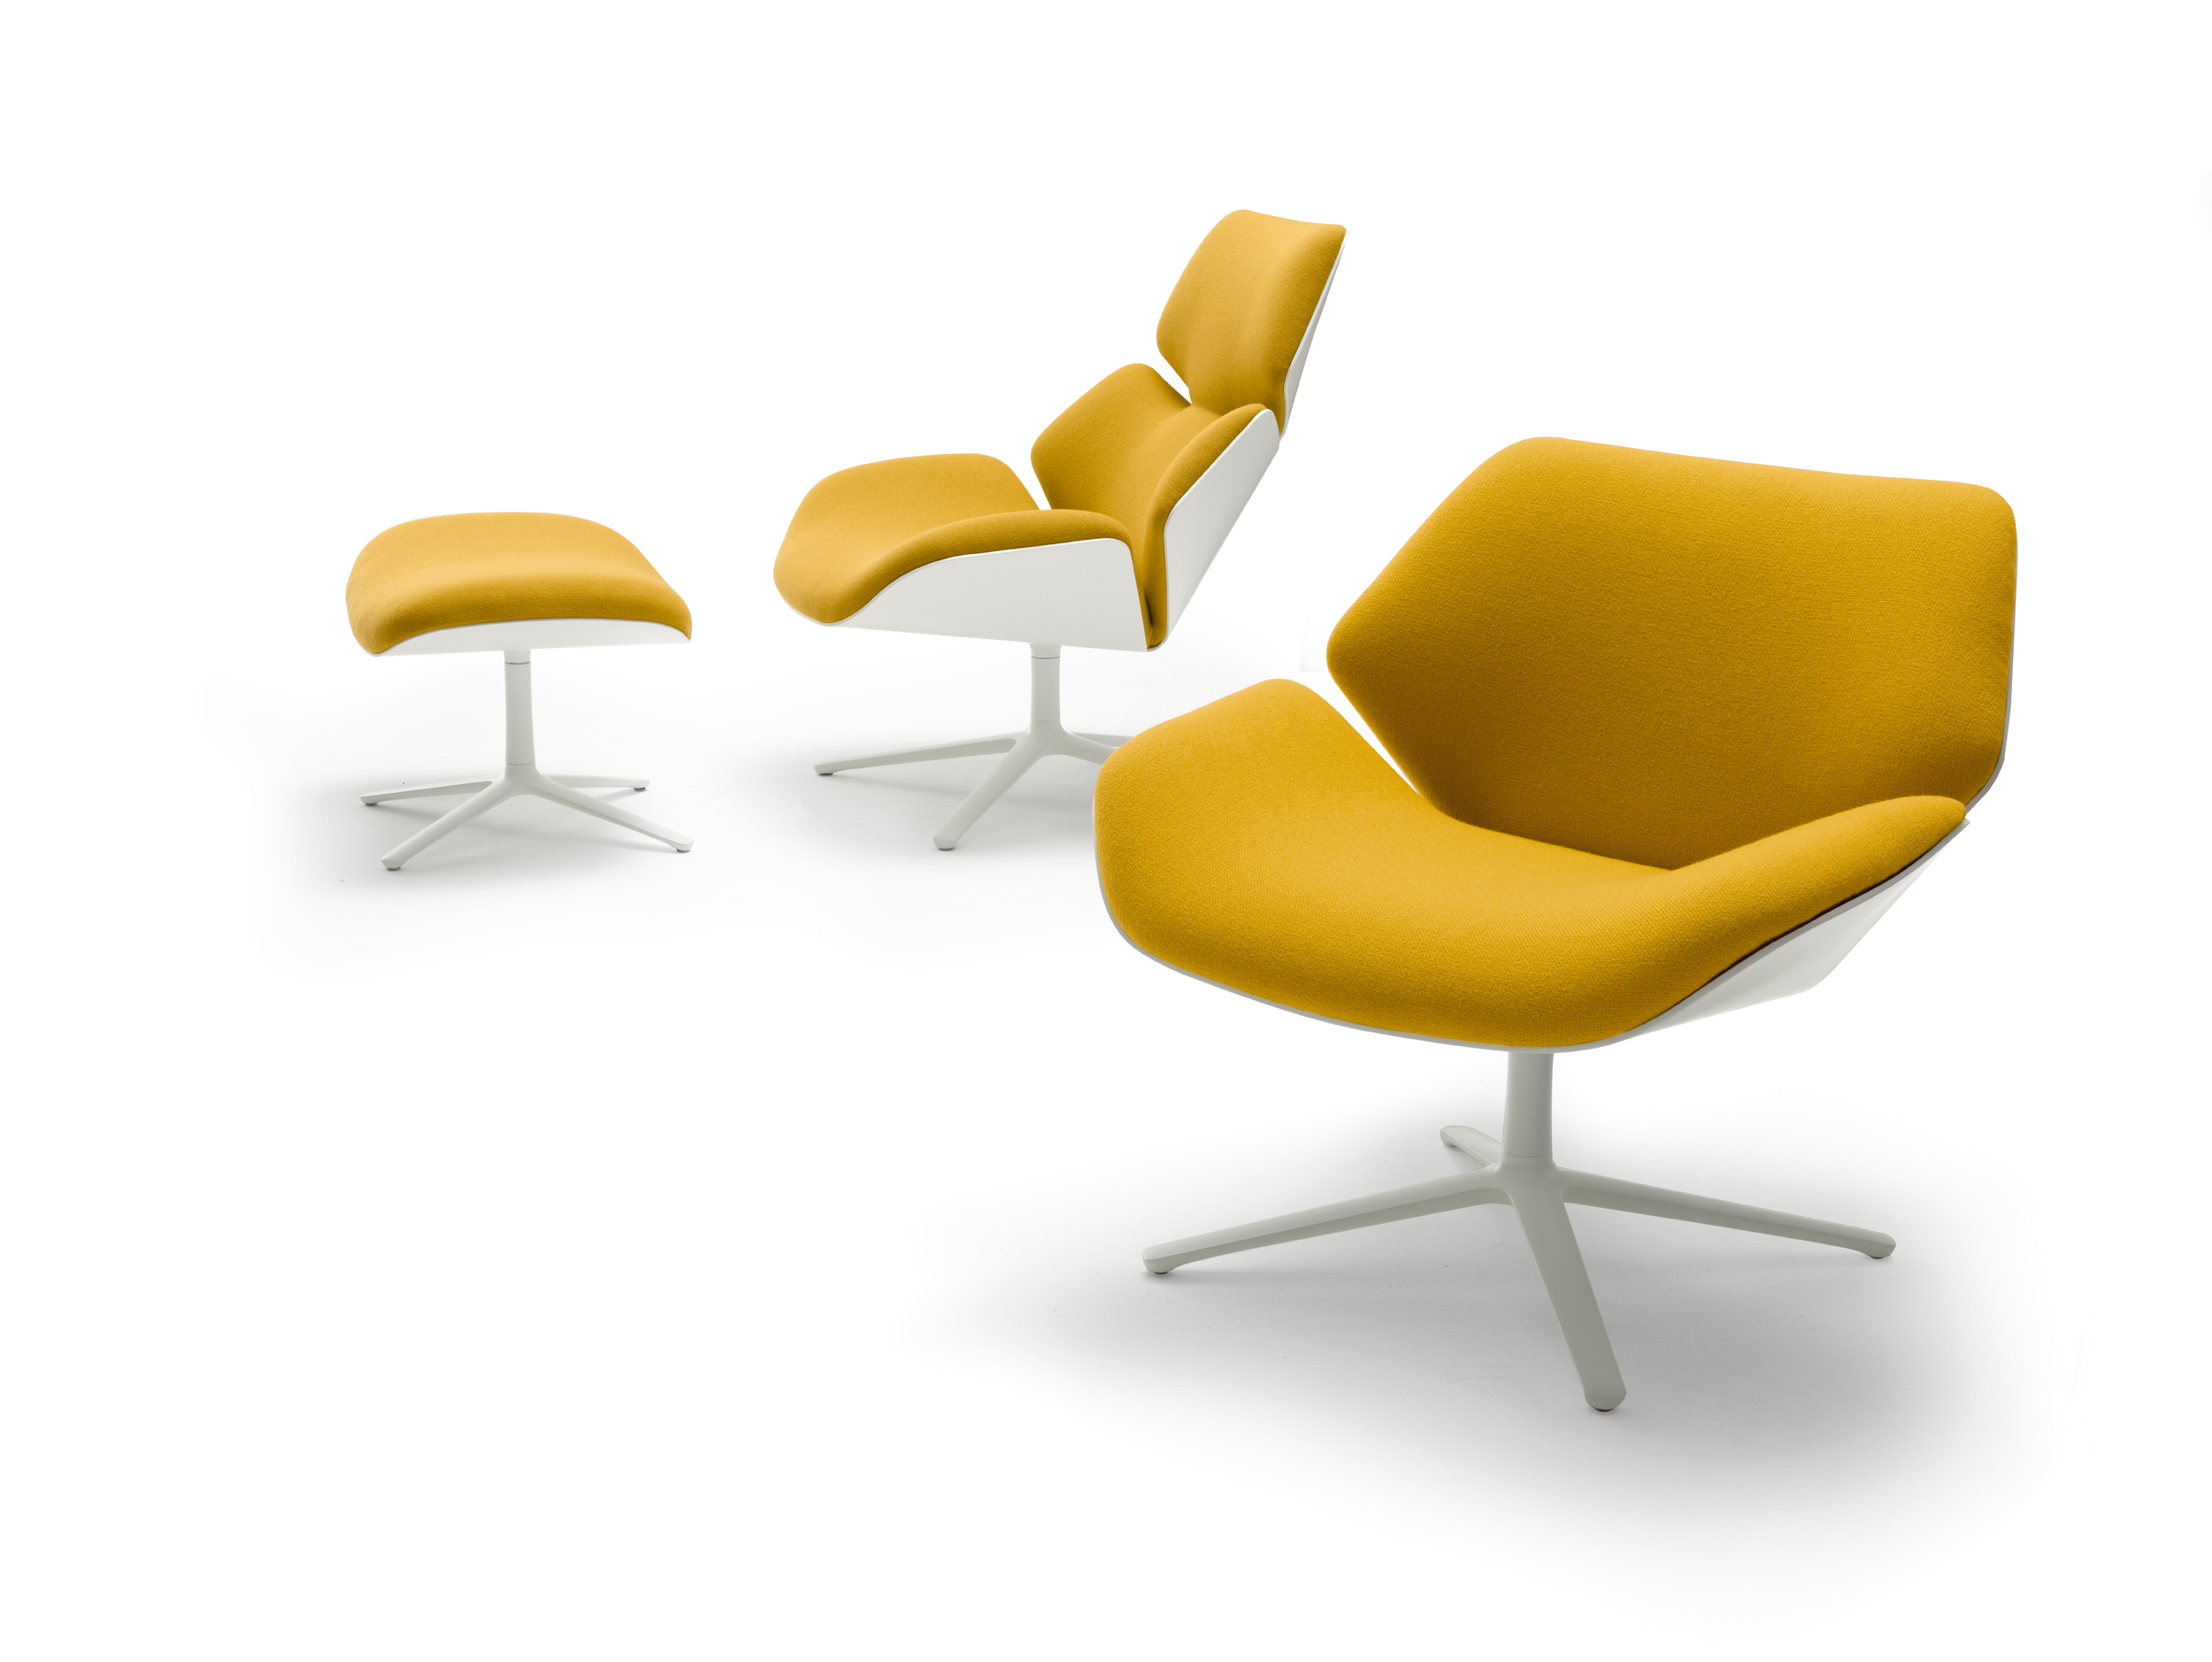 Ohrensessel designklassiker  Cocktailsessel Yellow: Ohrensessel designklassiker qwanji.com.